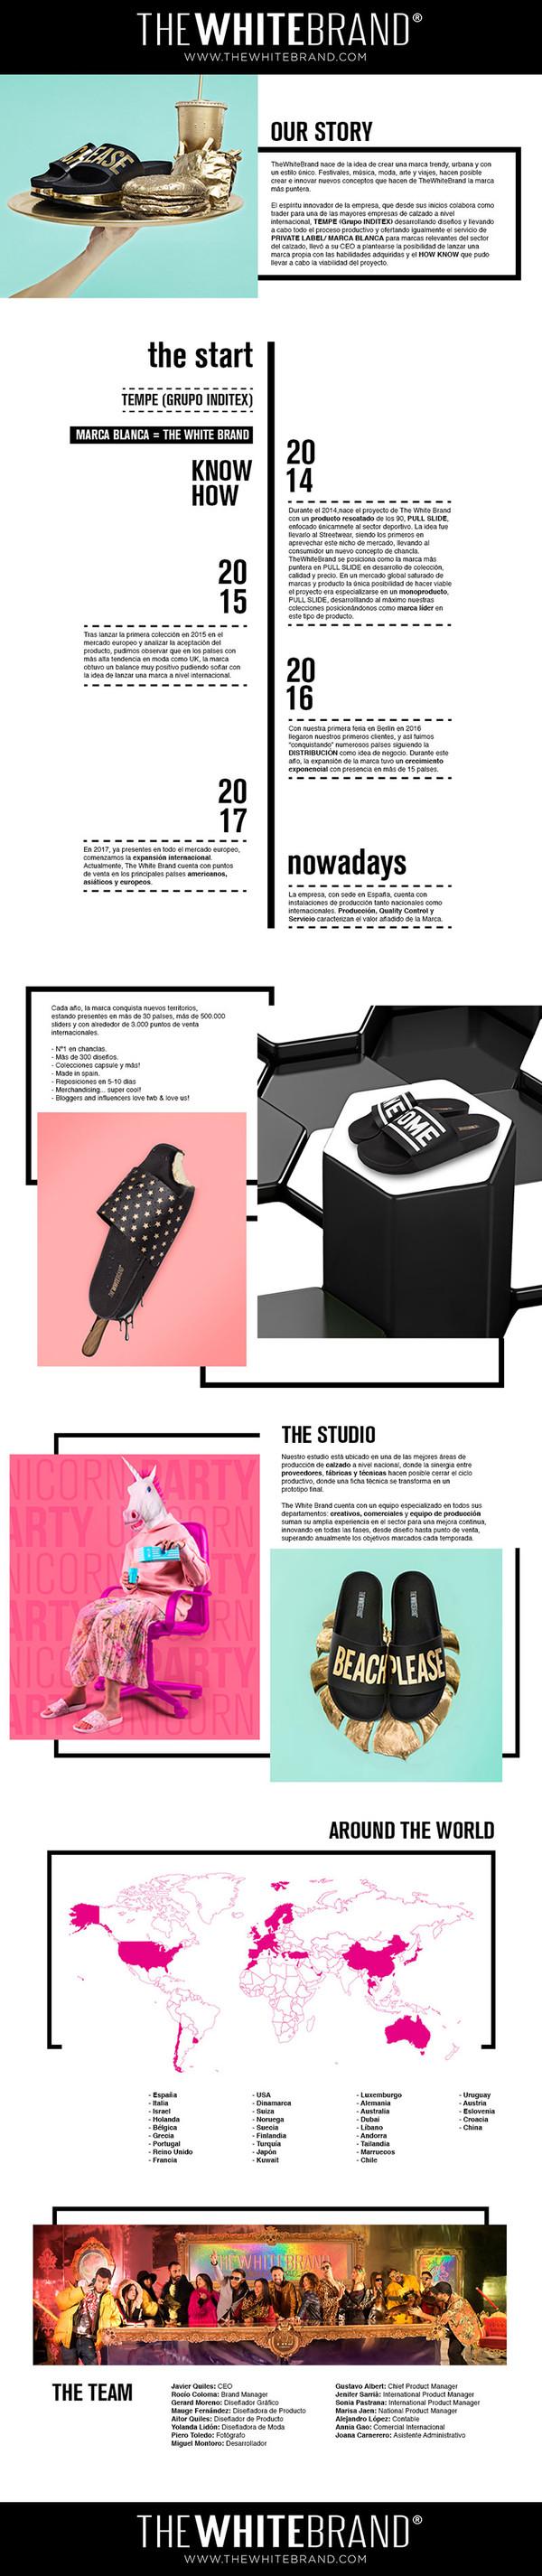 Gerard Moreno | Diseñador gráfico y fotógrafo freelance | Diseo gráfico, copany profile online para thewhitebrand